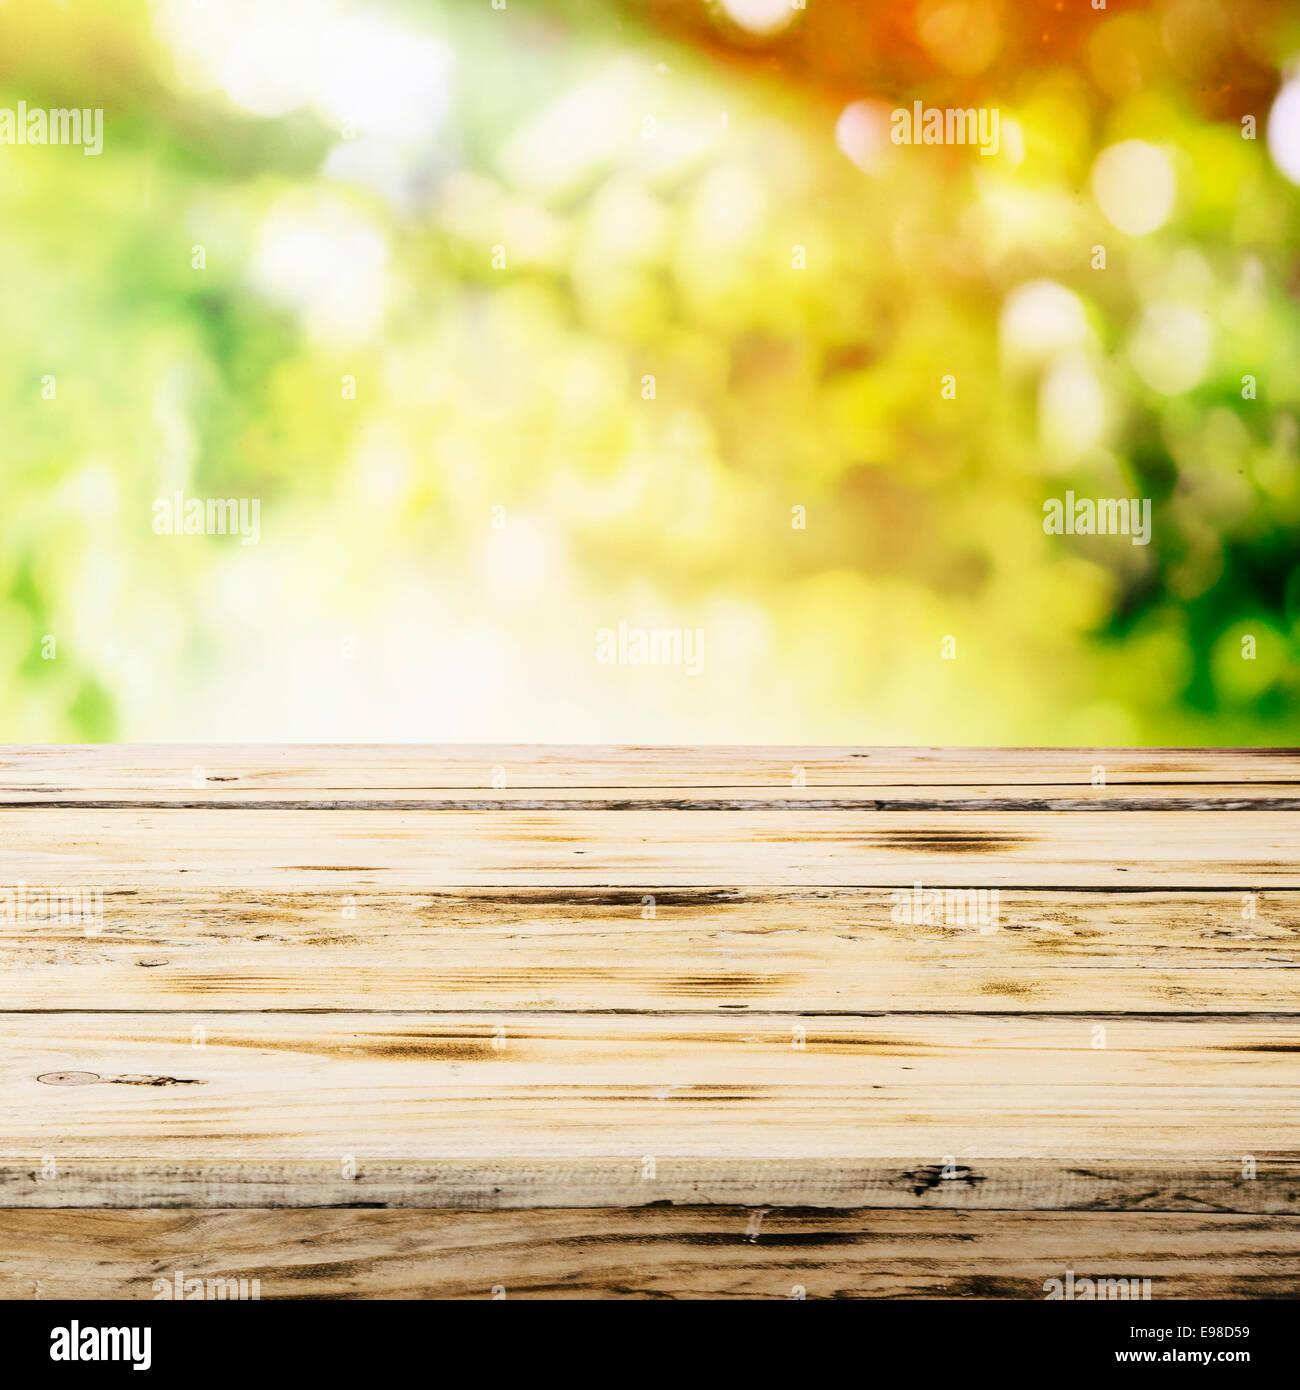 Primo Piano Della Parte Superiore Di Un Vuoto Di Un Tavolo Di Legno In Un Paese Giardino D Estate Immerso Nella Luce Del Sole Dorato Con Spazio Per La Collocazione Di Prodotti O